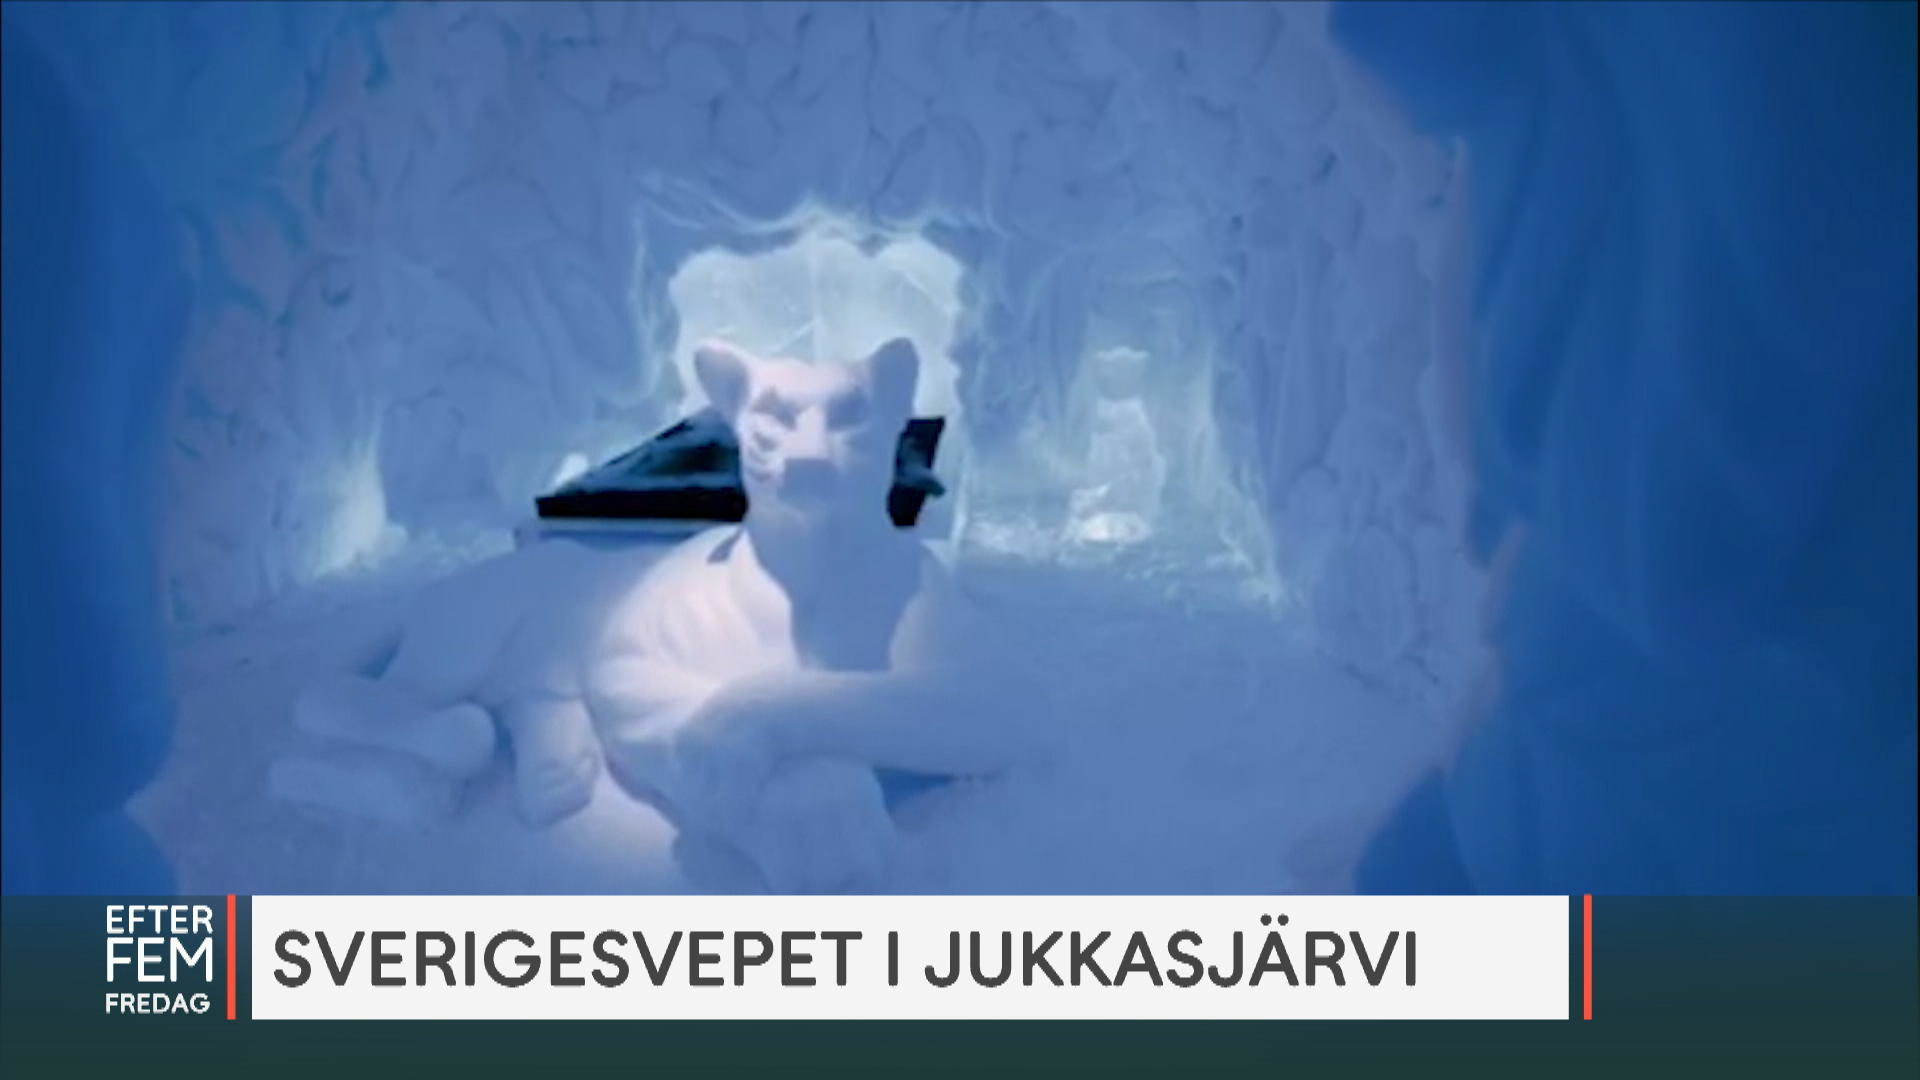 Nybyggarvgen 12 Jukkasjrvi karta - patient-survey.net